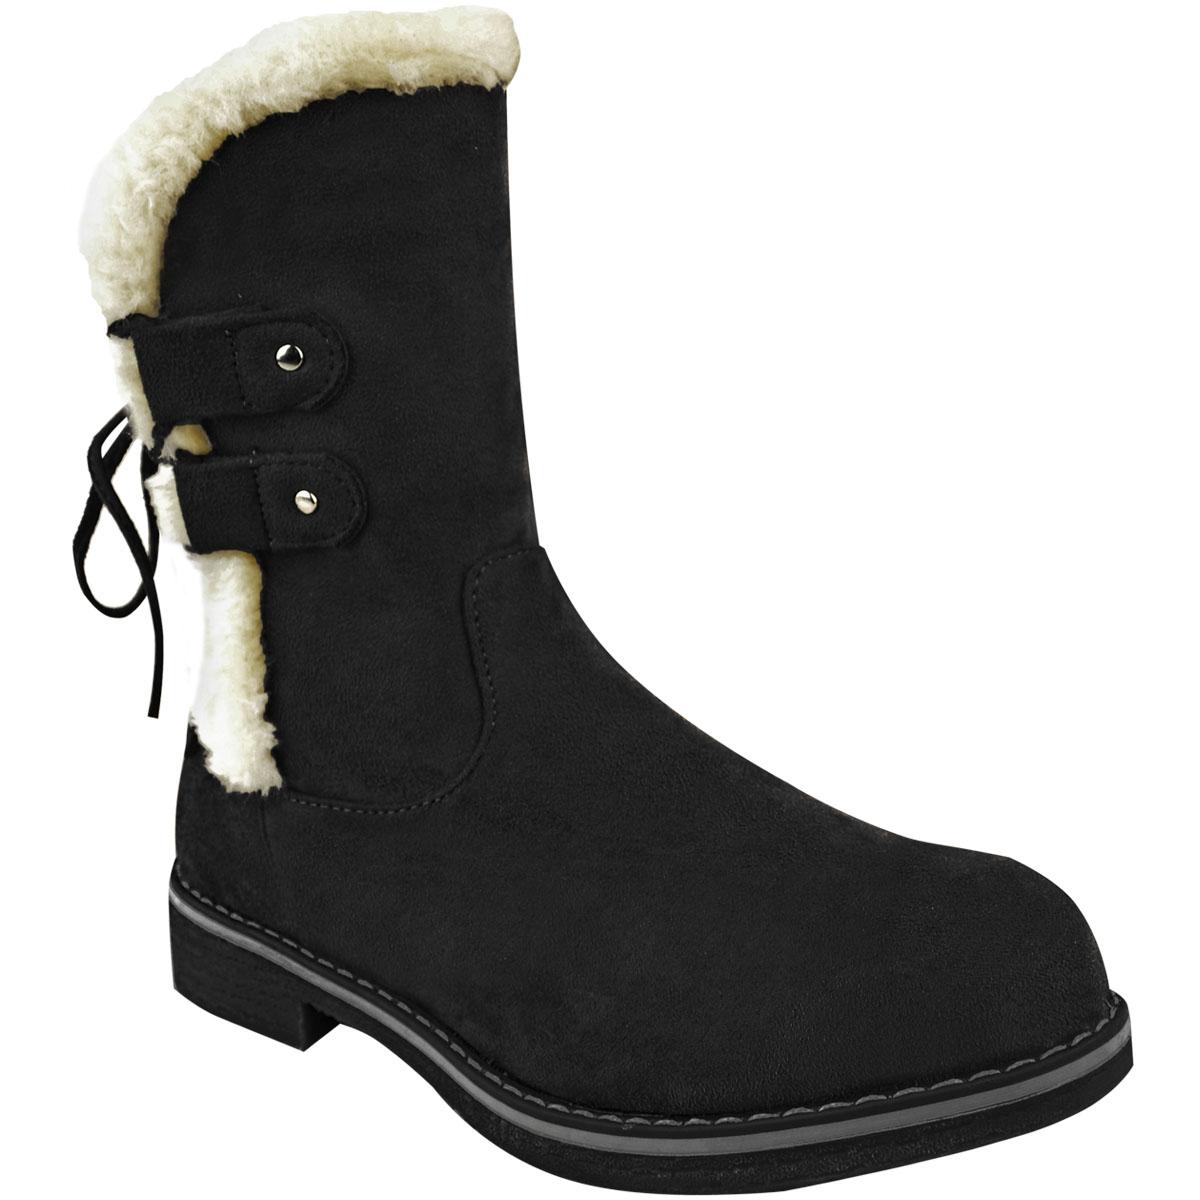 Womens Ladies Winter Flat Low Heel Walking Ankle Boots Faux Fur Fleece Warm New